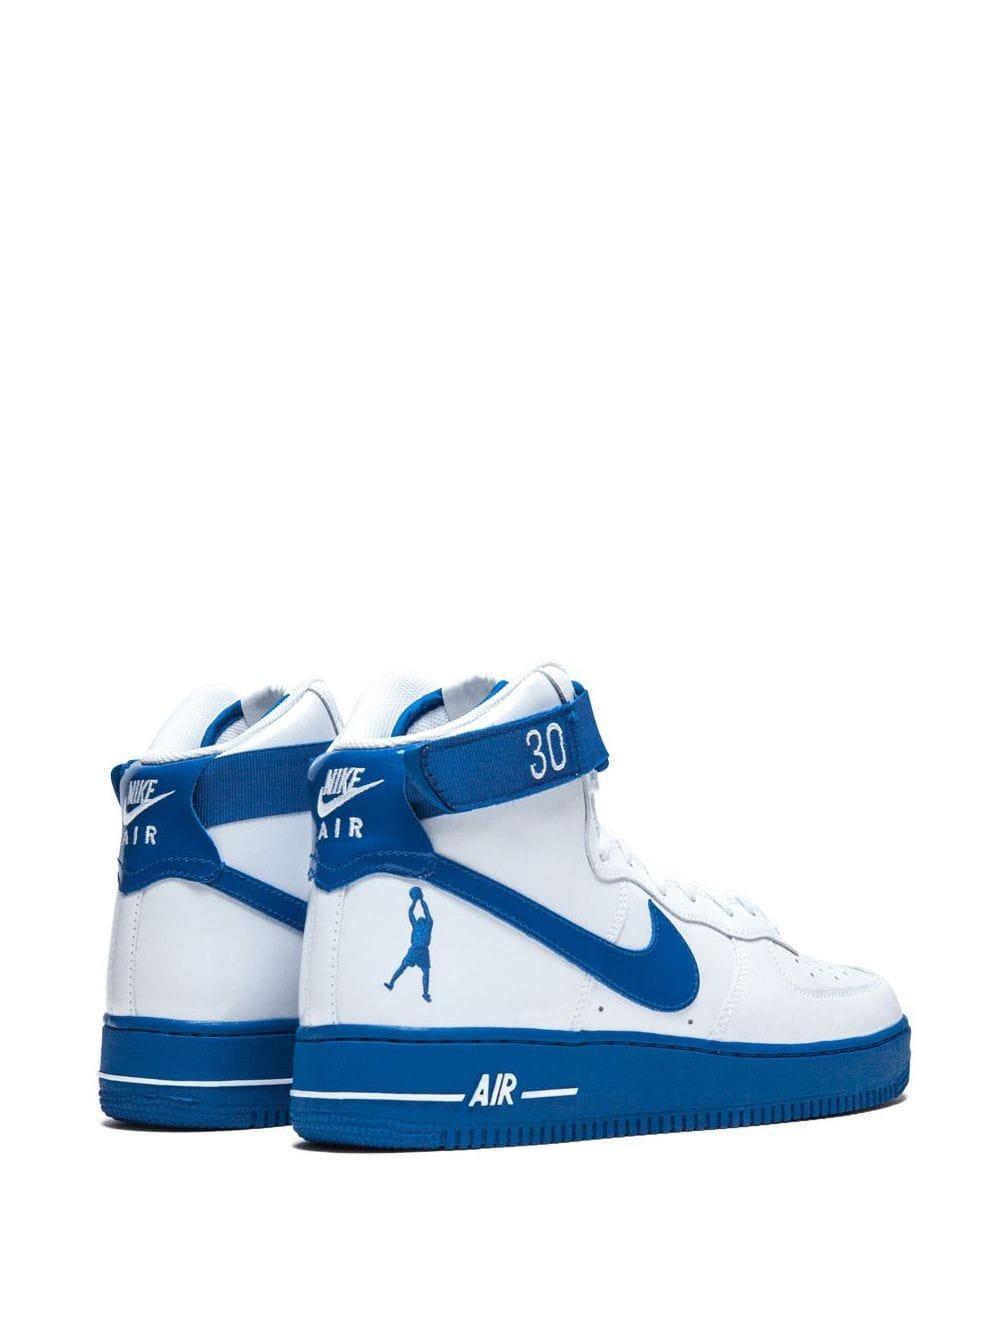 Zapatillas Air Force 1 High Retro CT16 QS Nike de hombre de color Blanco